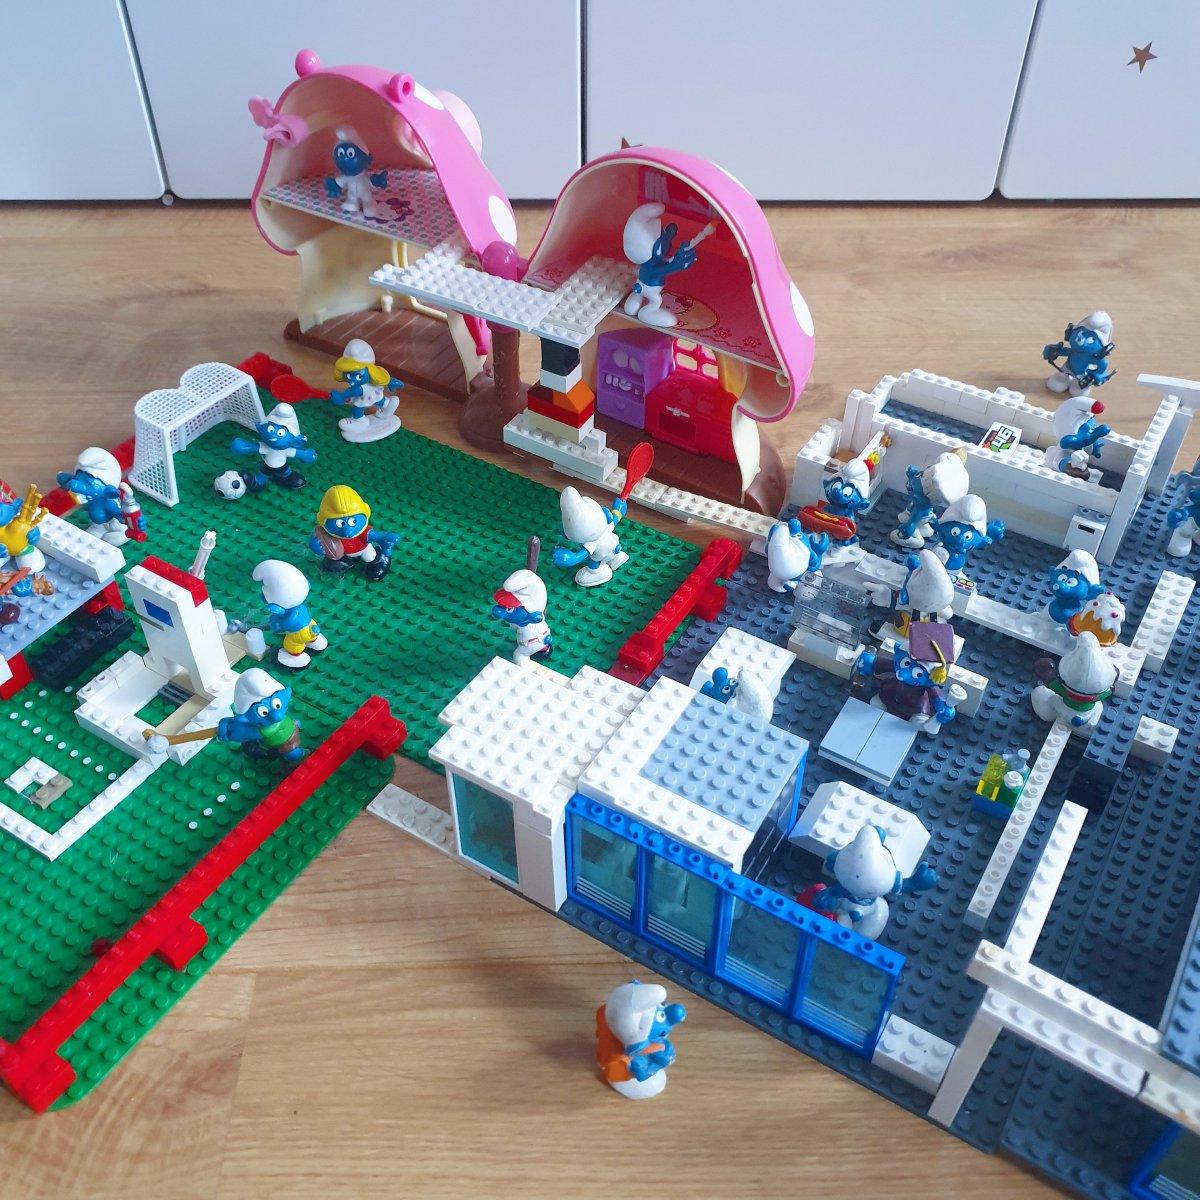 LEGO smurfen school bouwen